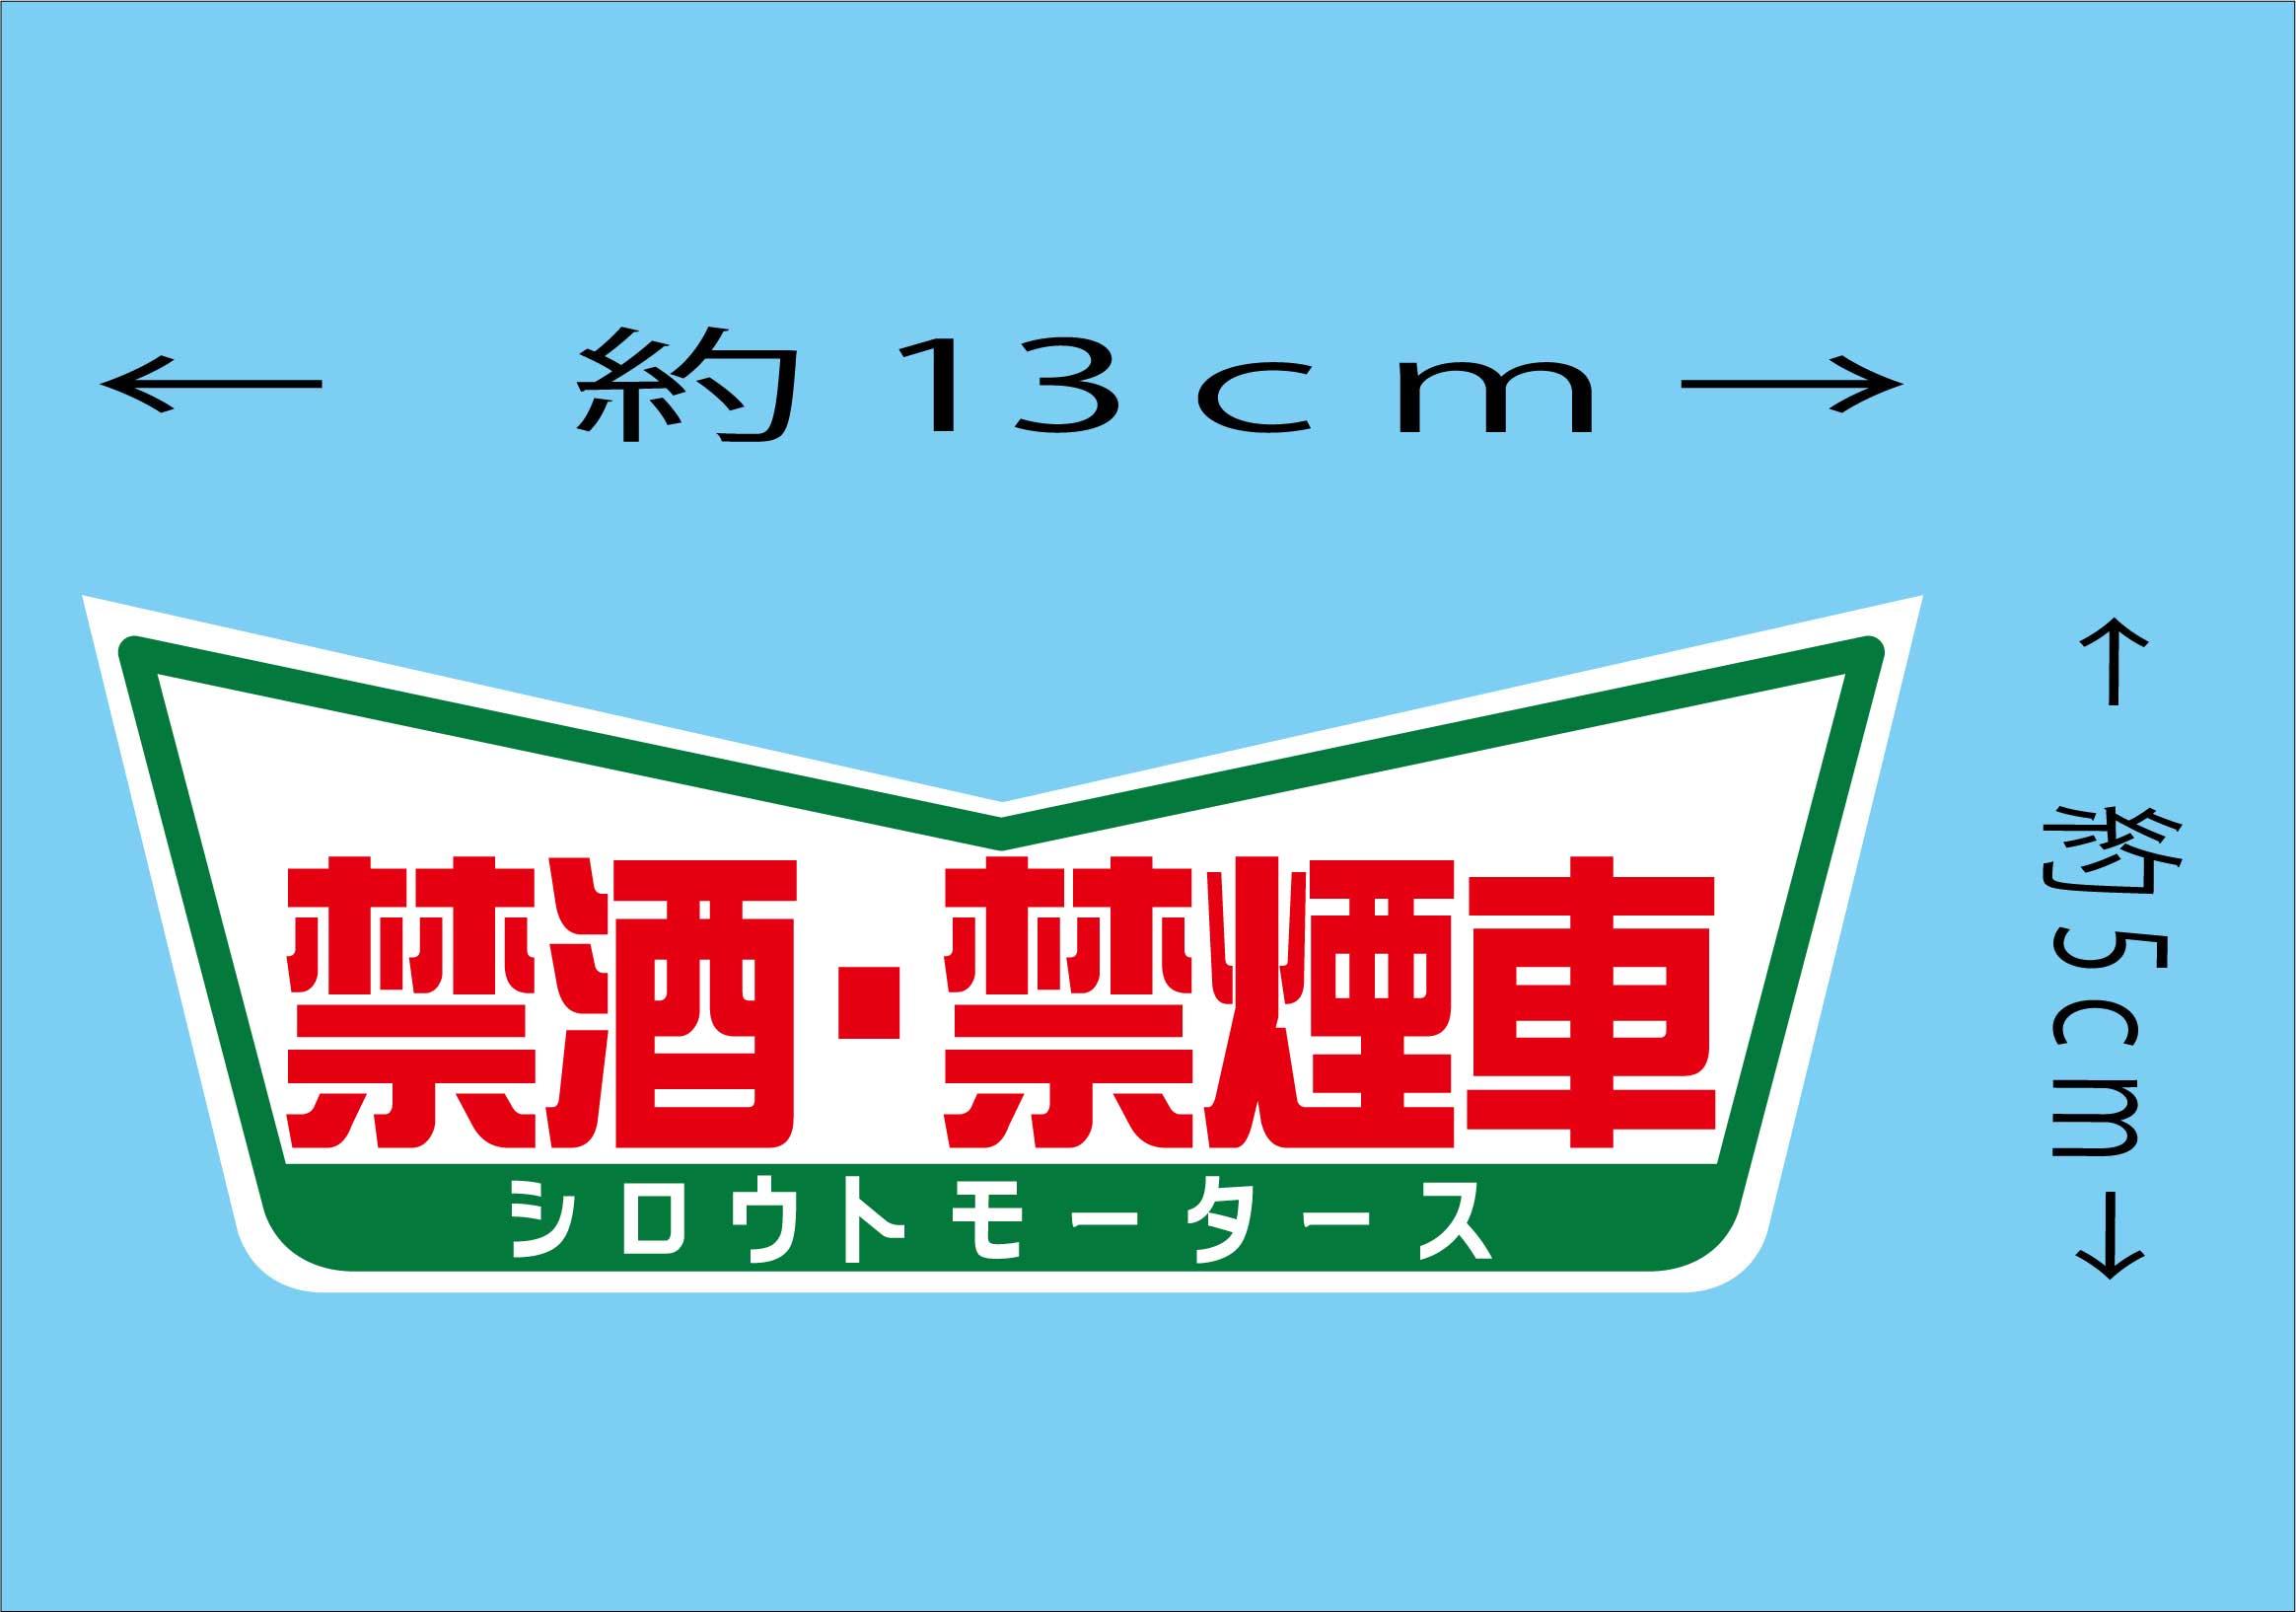 シロウトモータース★禁酒 禁煙車Vステッカー